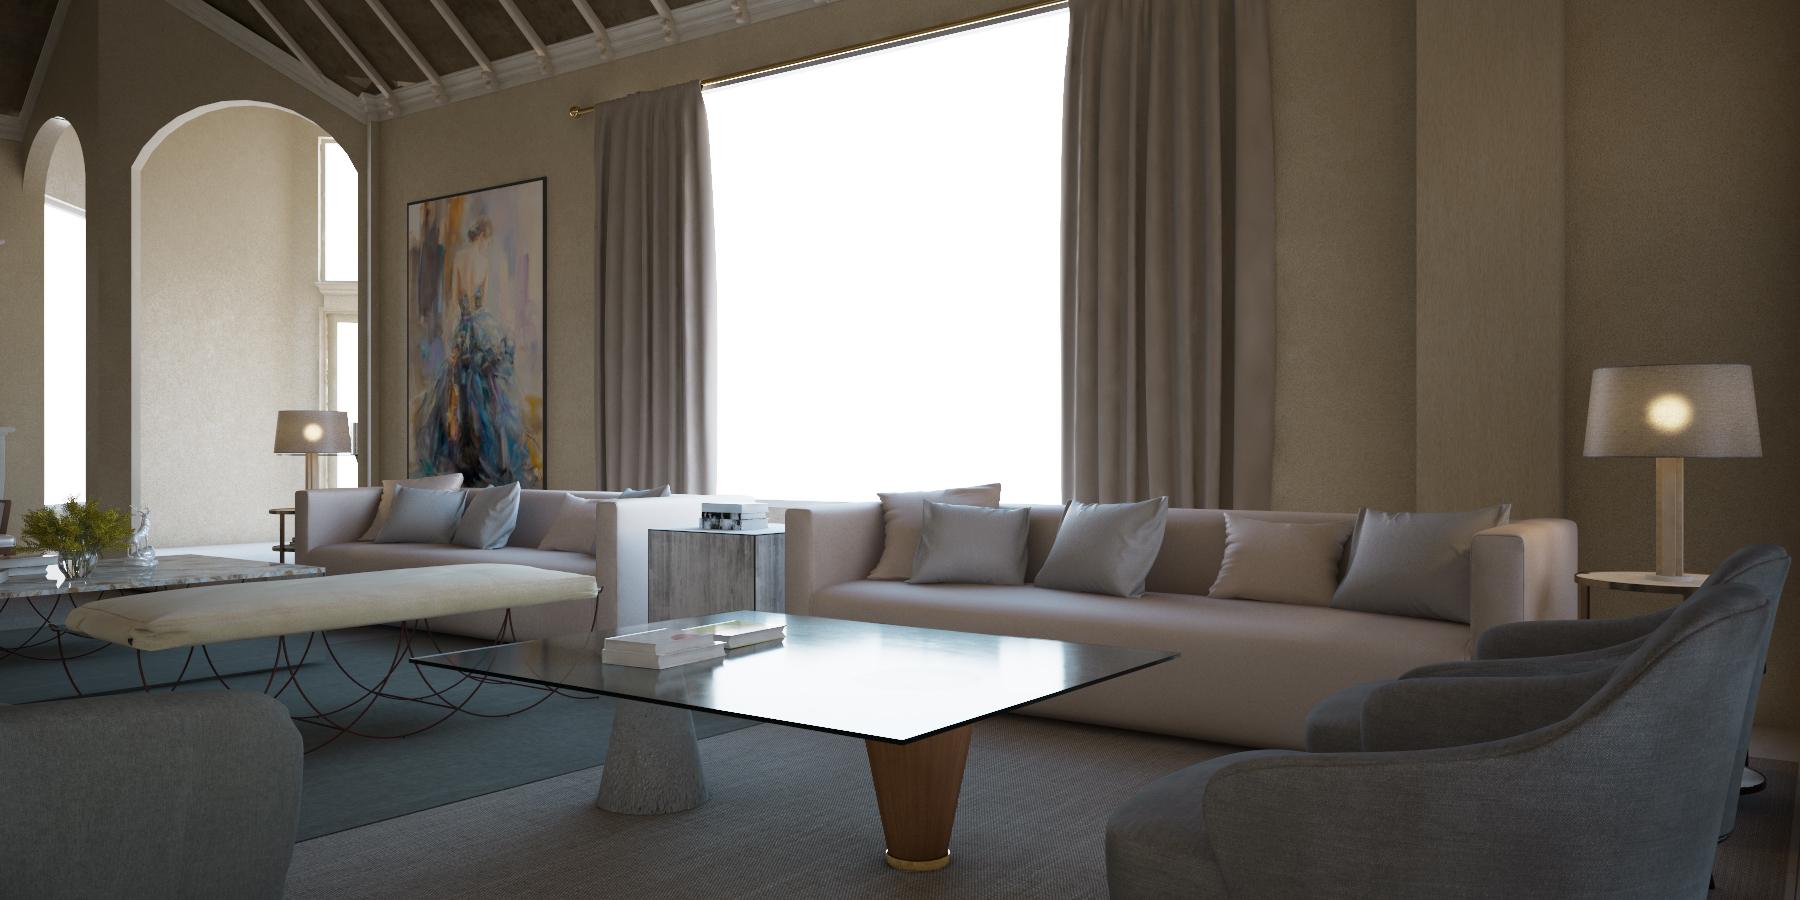 Diseno de interiores salas pequenas modernas for Decoracion de interiores monterrey